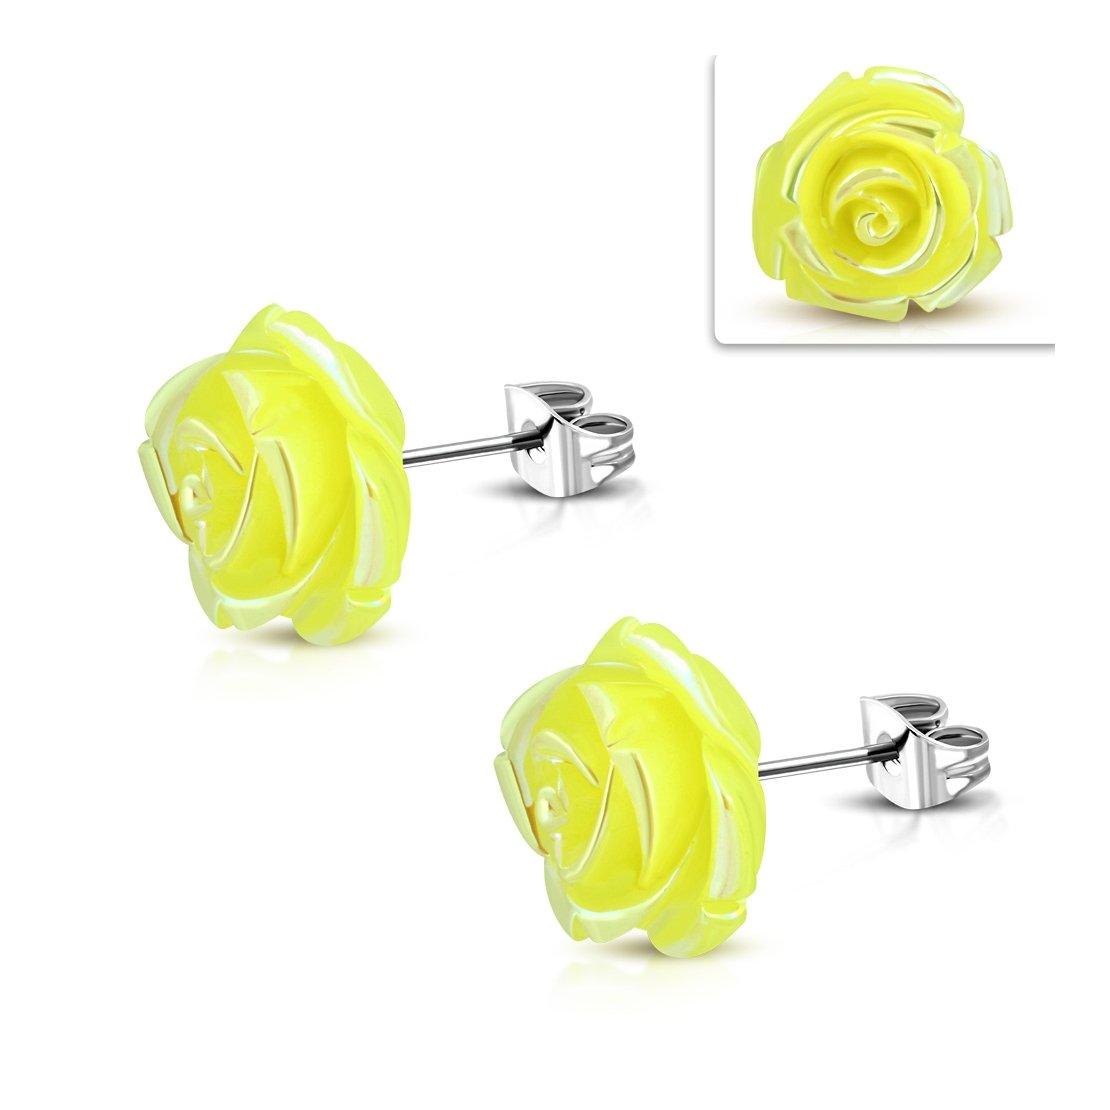 Stainless Steel Shimmer Yellow Resin Rose Flower Stud Earrings pair